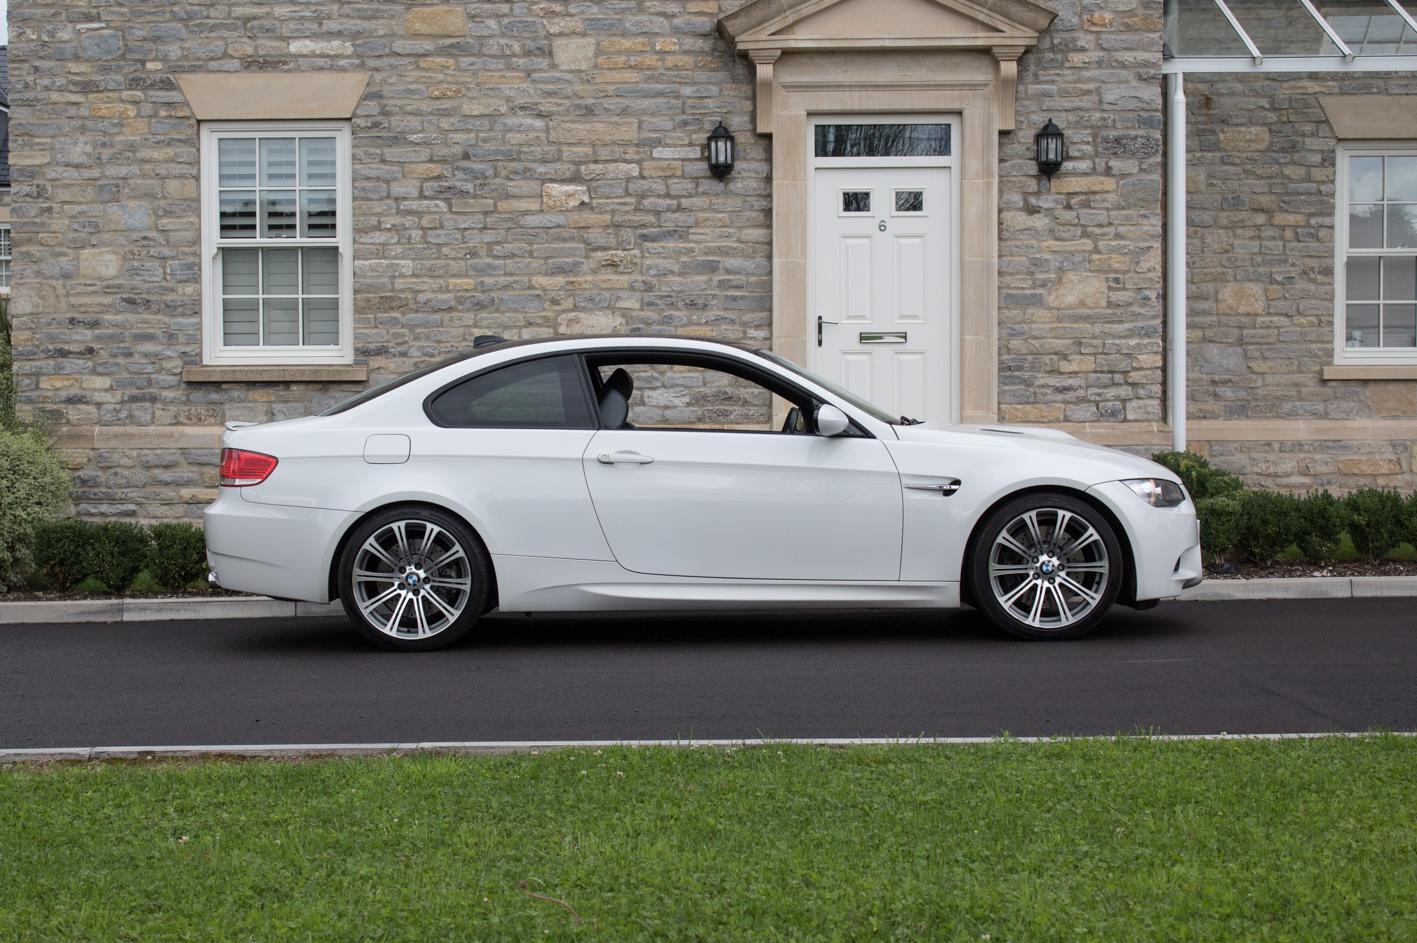 sold 2007 bmw m3 white e92 v8 cars of somerset. Black Bedroom Furniture Sets. Home Design Ideas